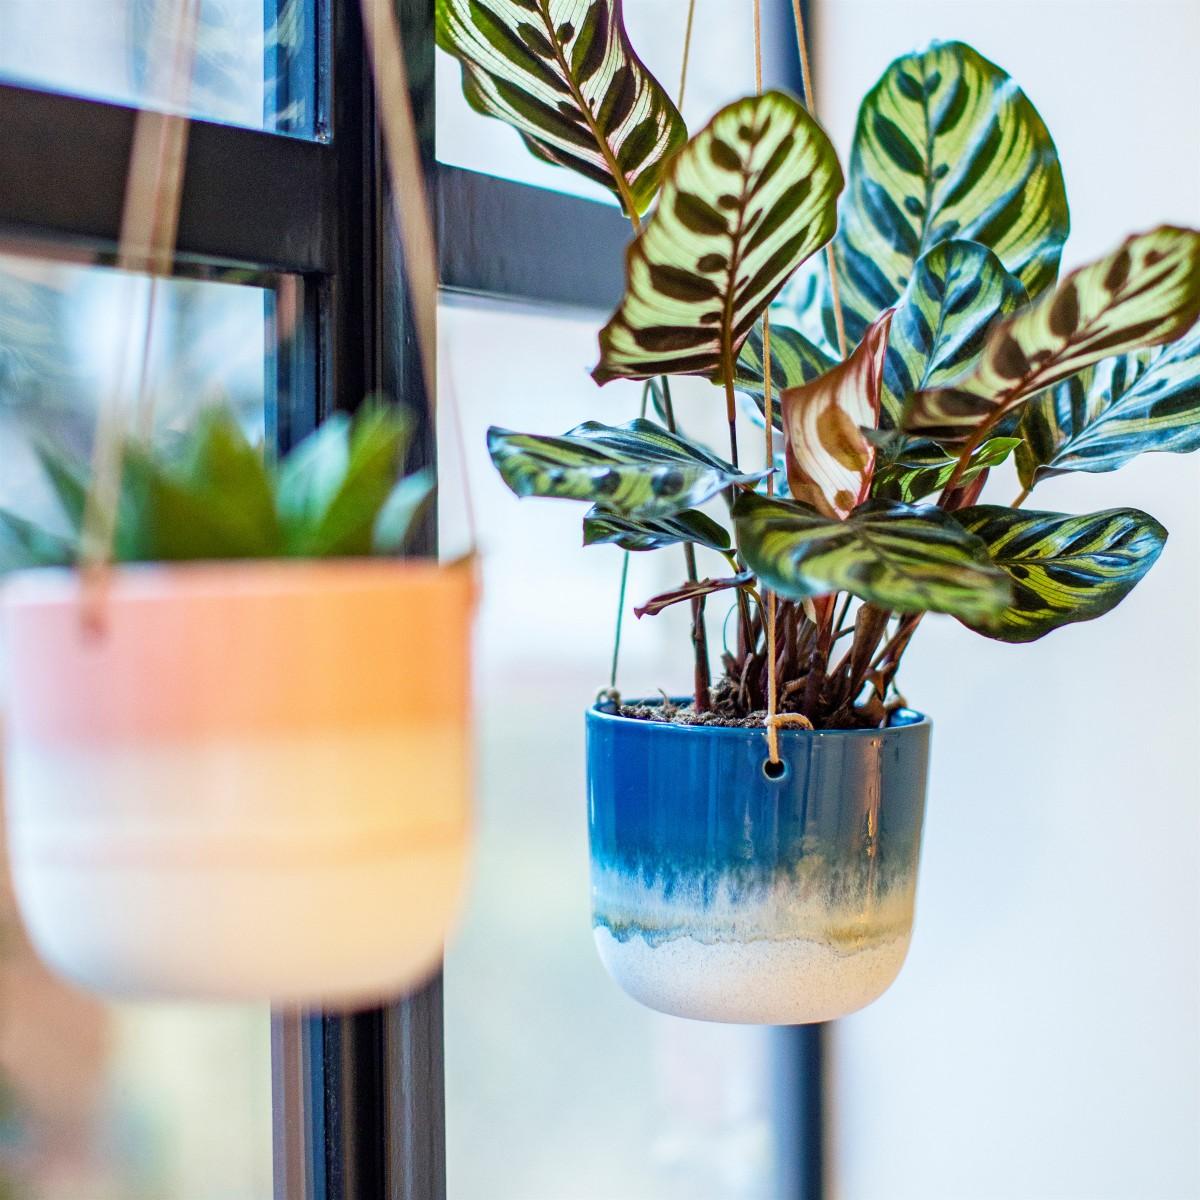 Plantenkamer-sass-belle-mojave-glaze-blue-hanging-planter